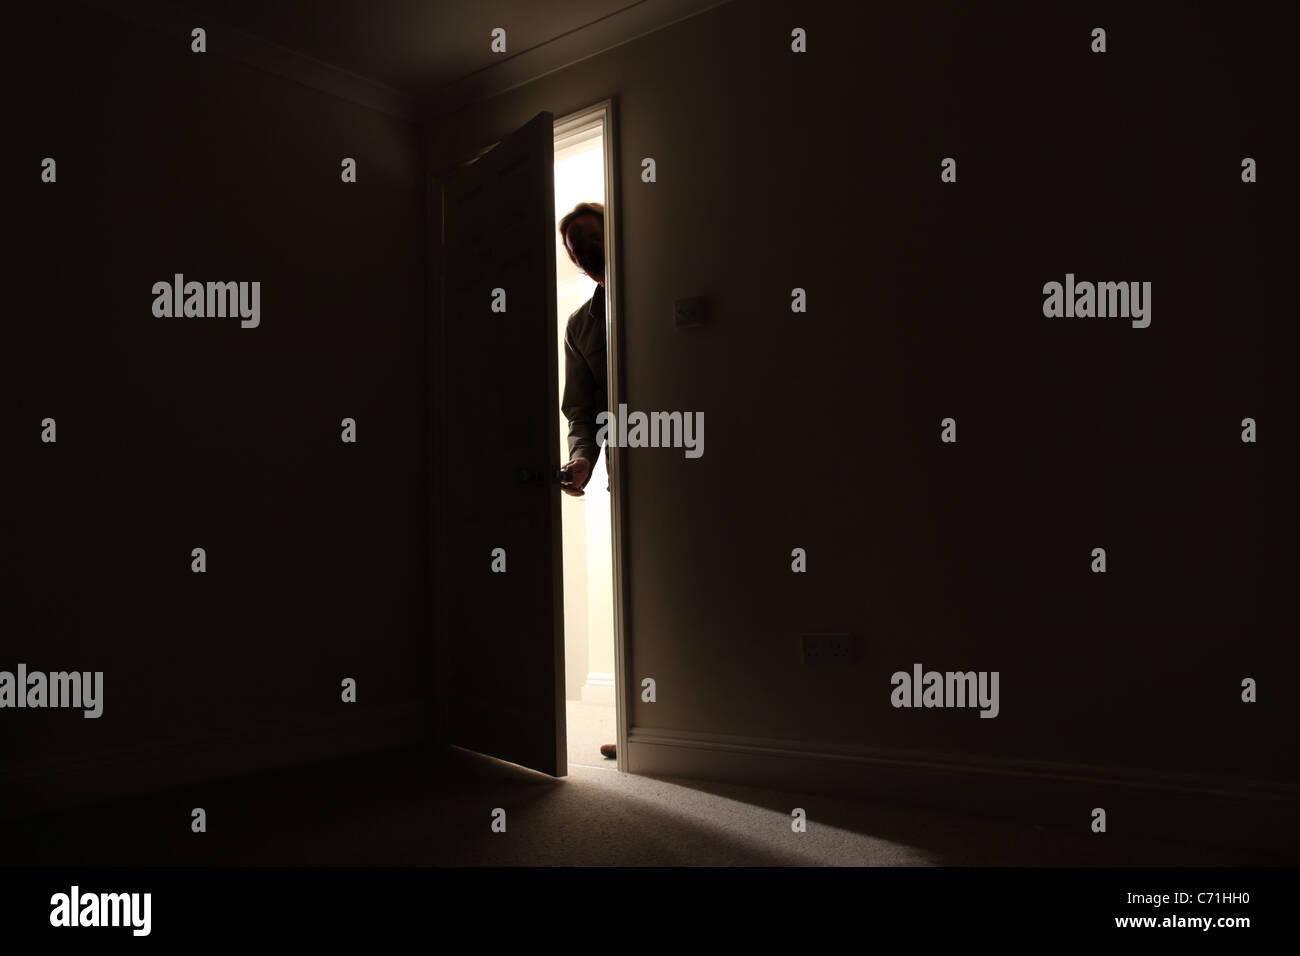 Silhouette eines Mannes stehend vor einem dunklen Raum auf. Stockbild